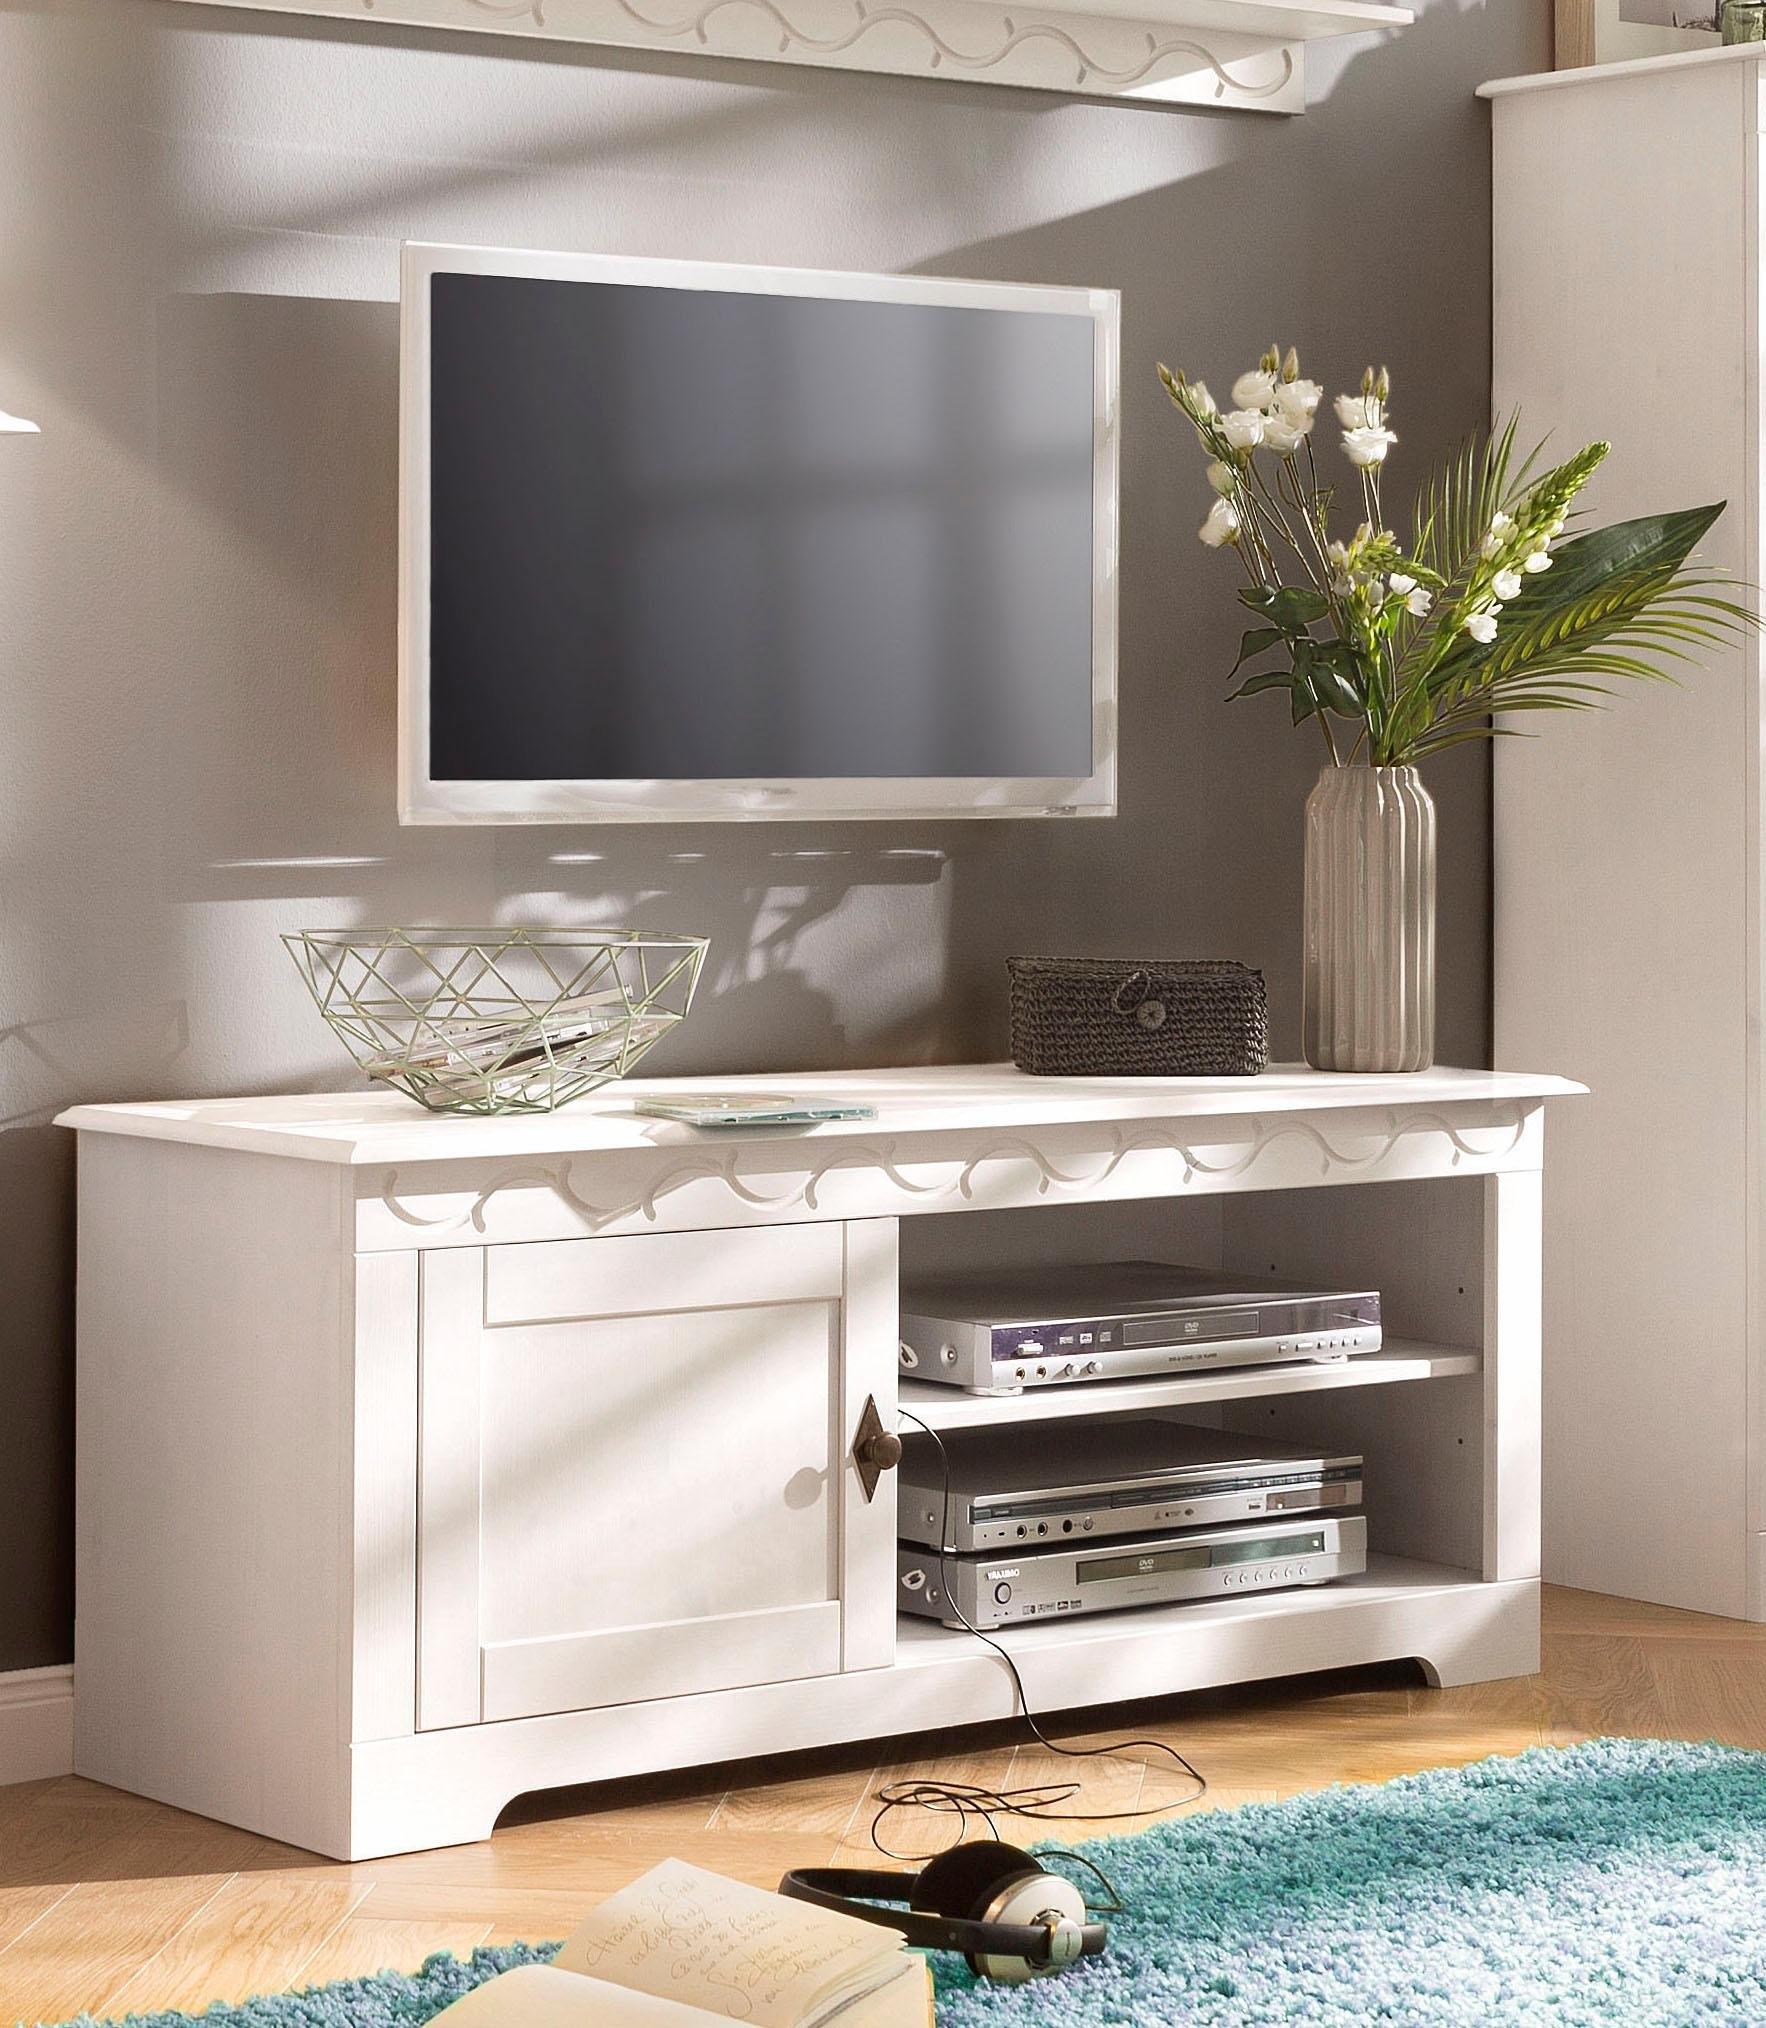 Home affaire tv-meubel Laura Breedte 125 cm voordelig en veilig online kopen